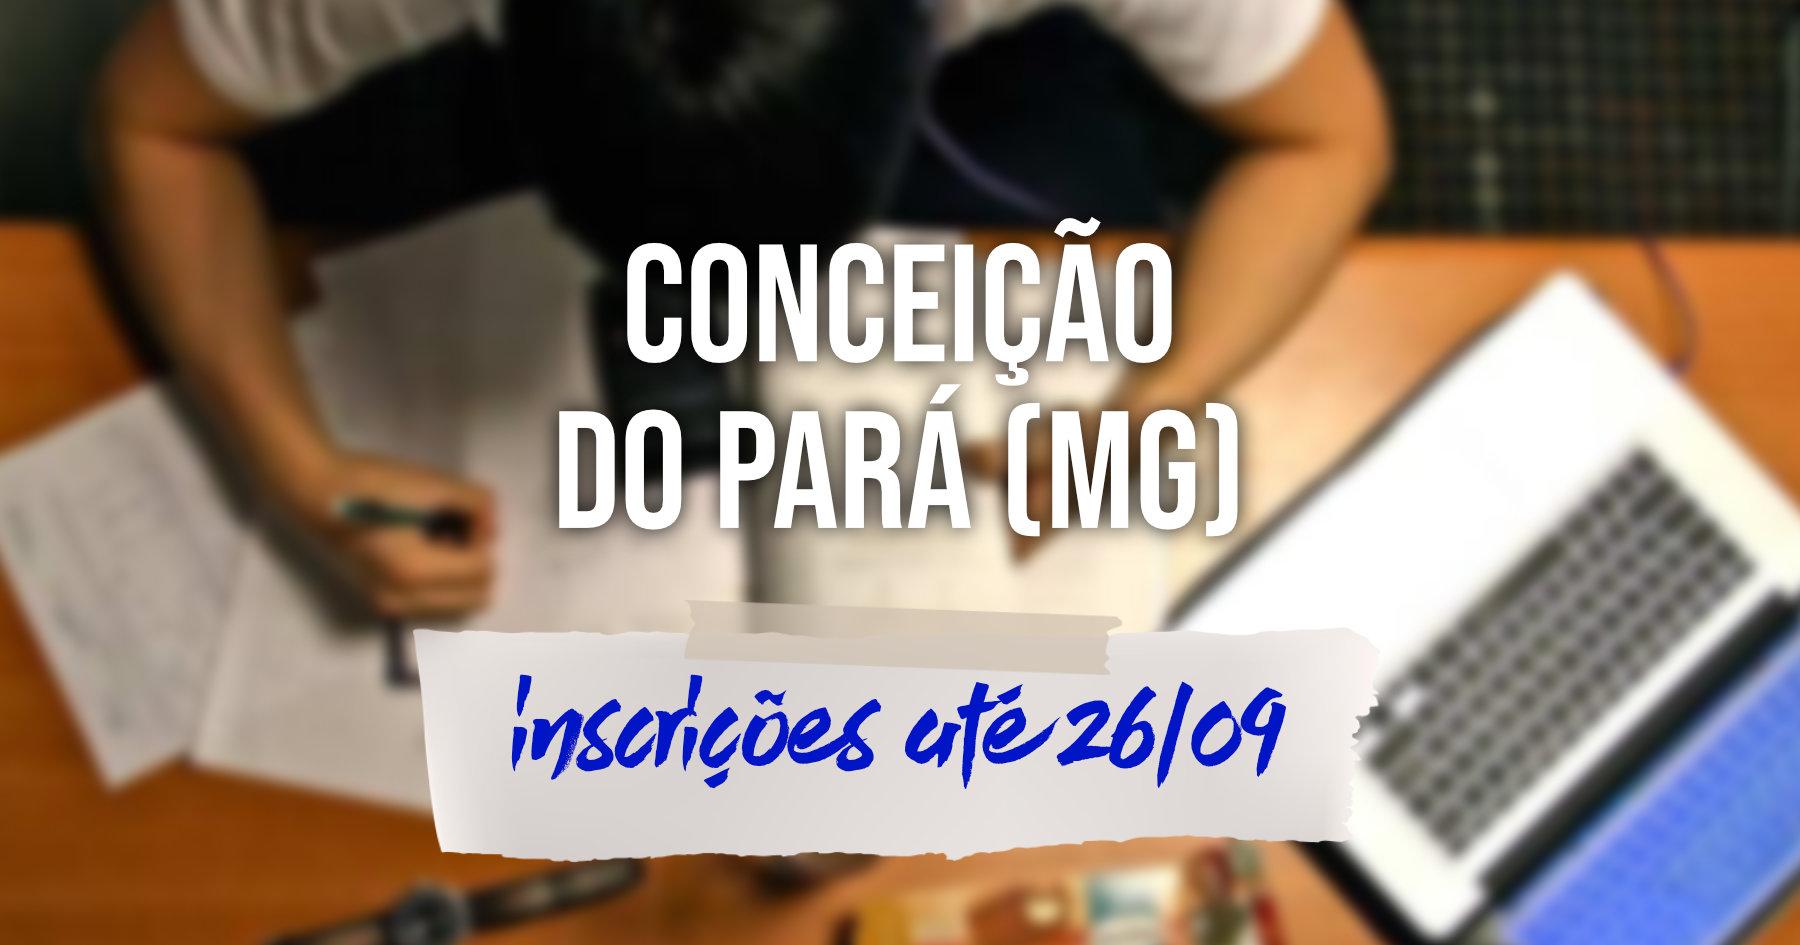 Concurso | Conceição do Pará (MG) divulga edital